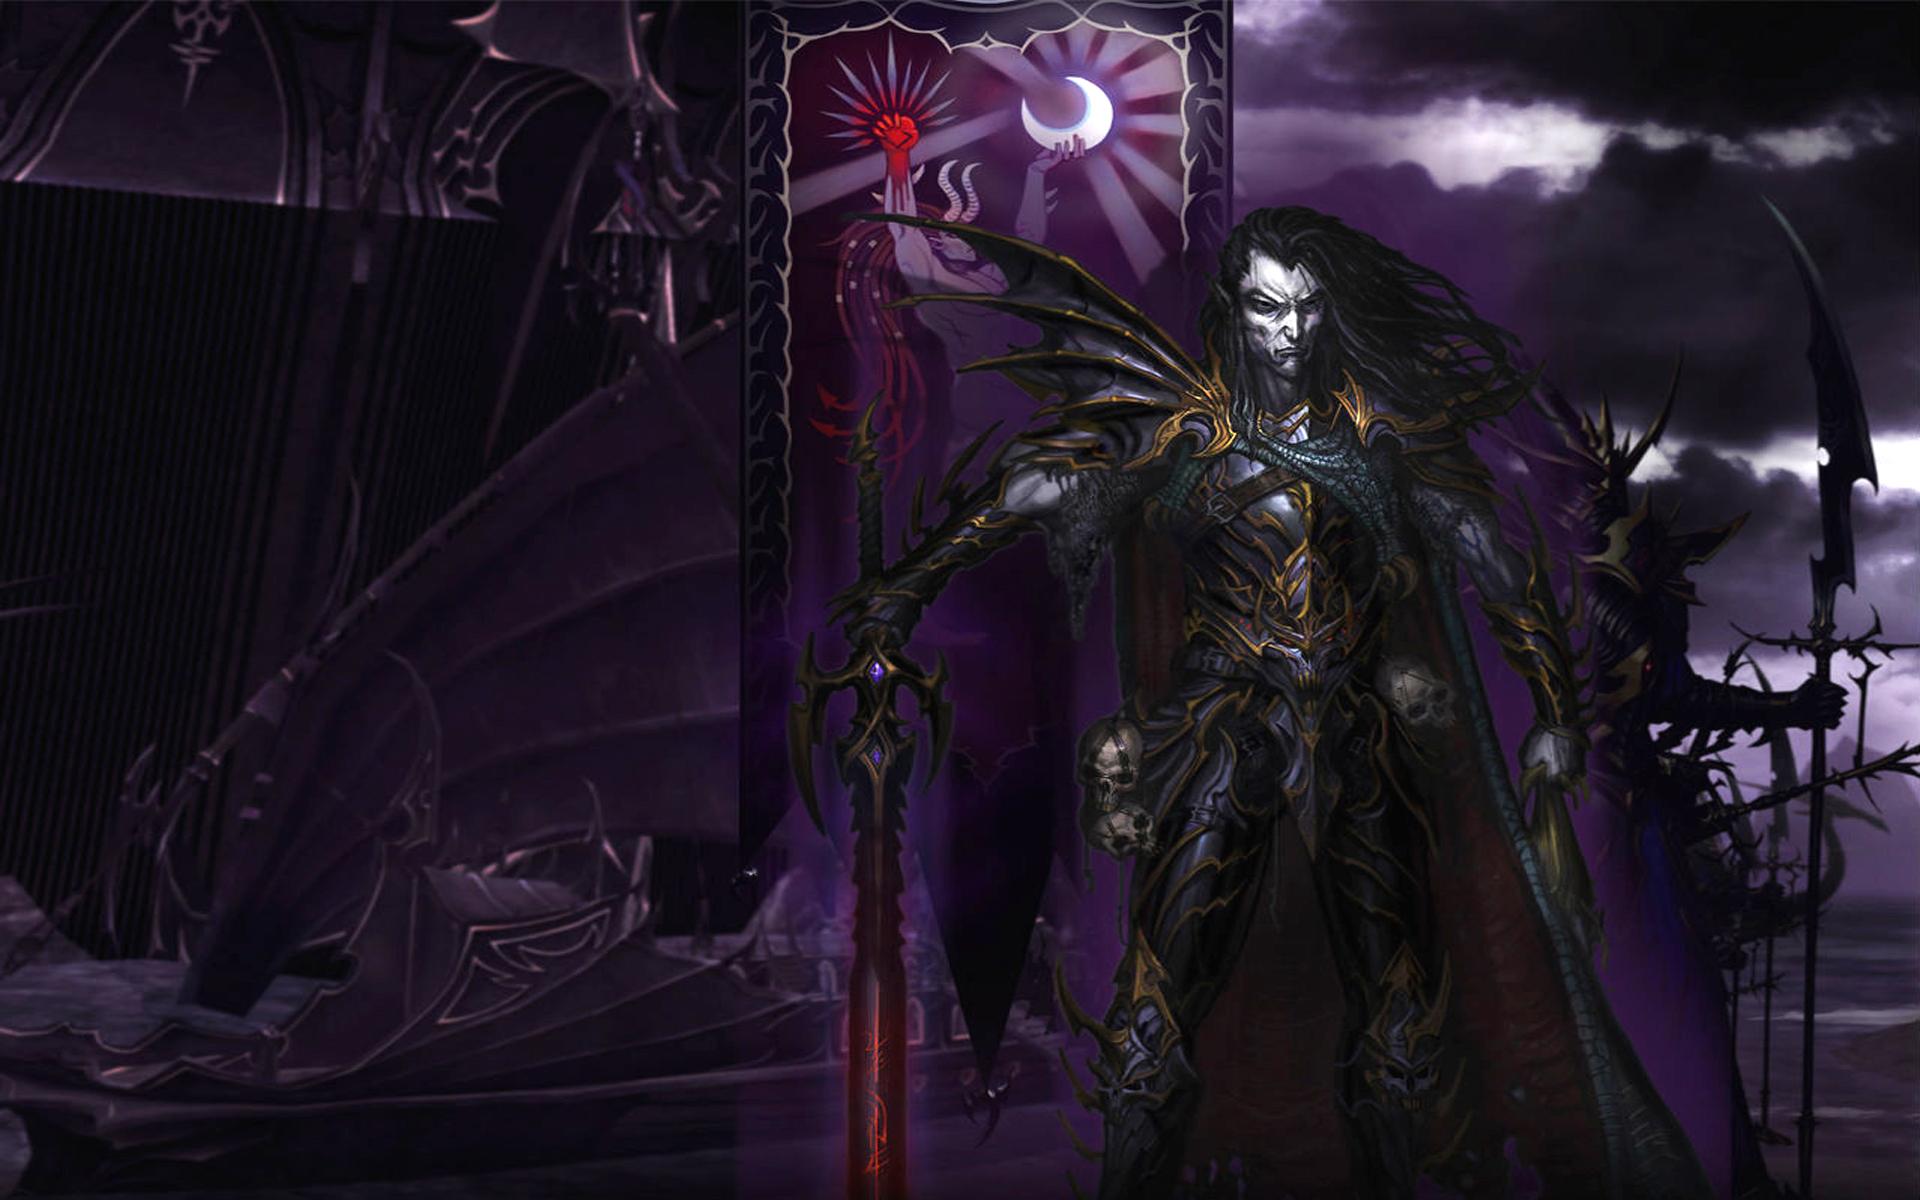 Dark Elf Prince Wallpaper Background 45753 1920x1200